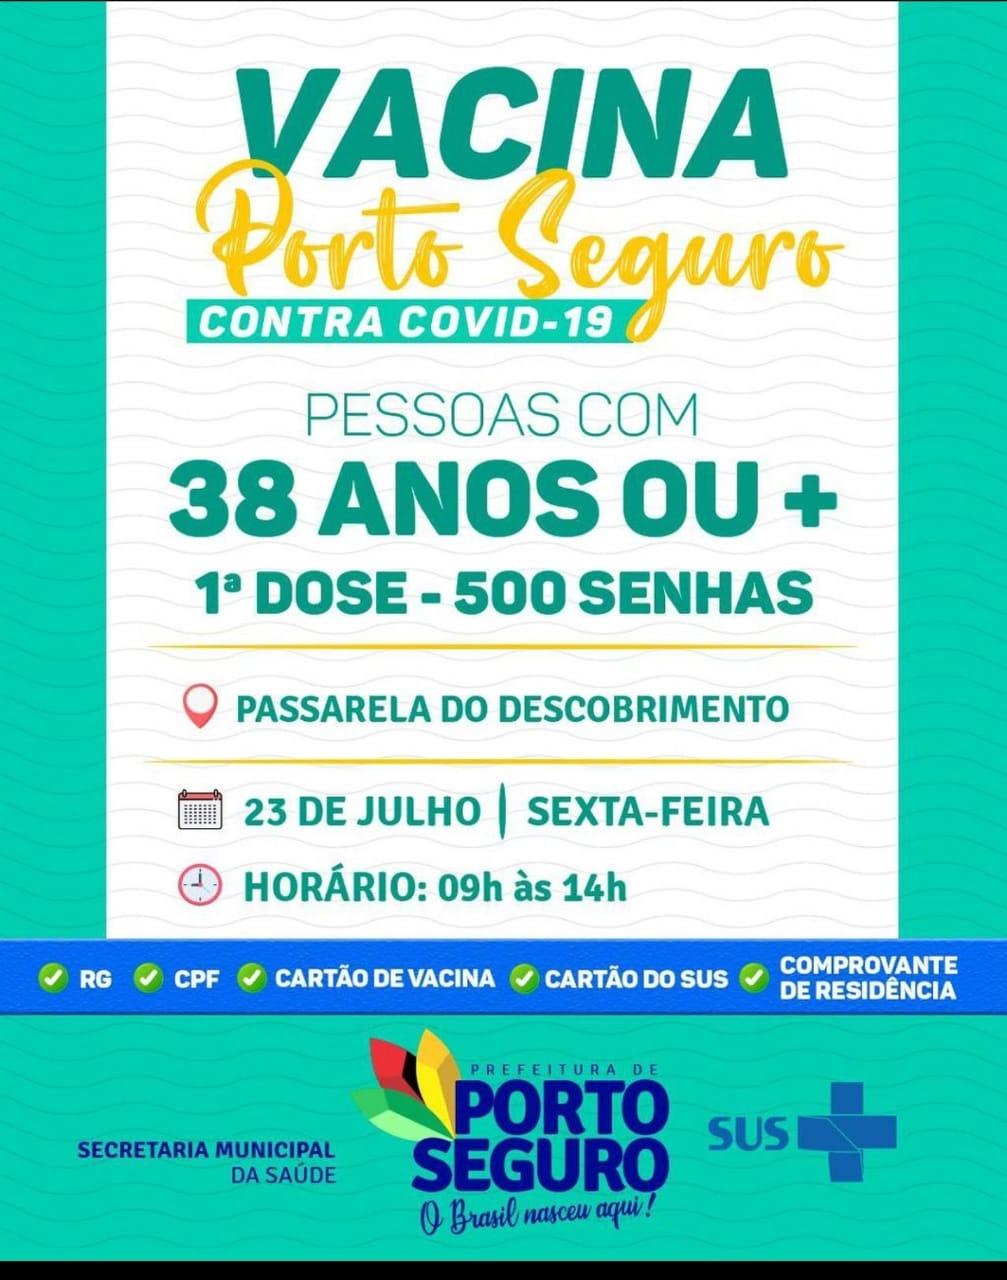 Vacina Porto Seguro contra Covid-19; cronograma de vacinação de 23 a 24 de julho 26